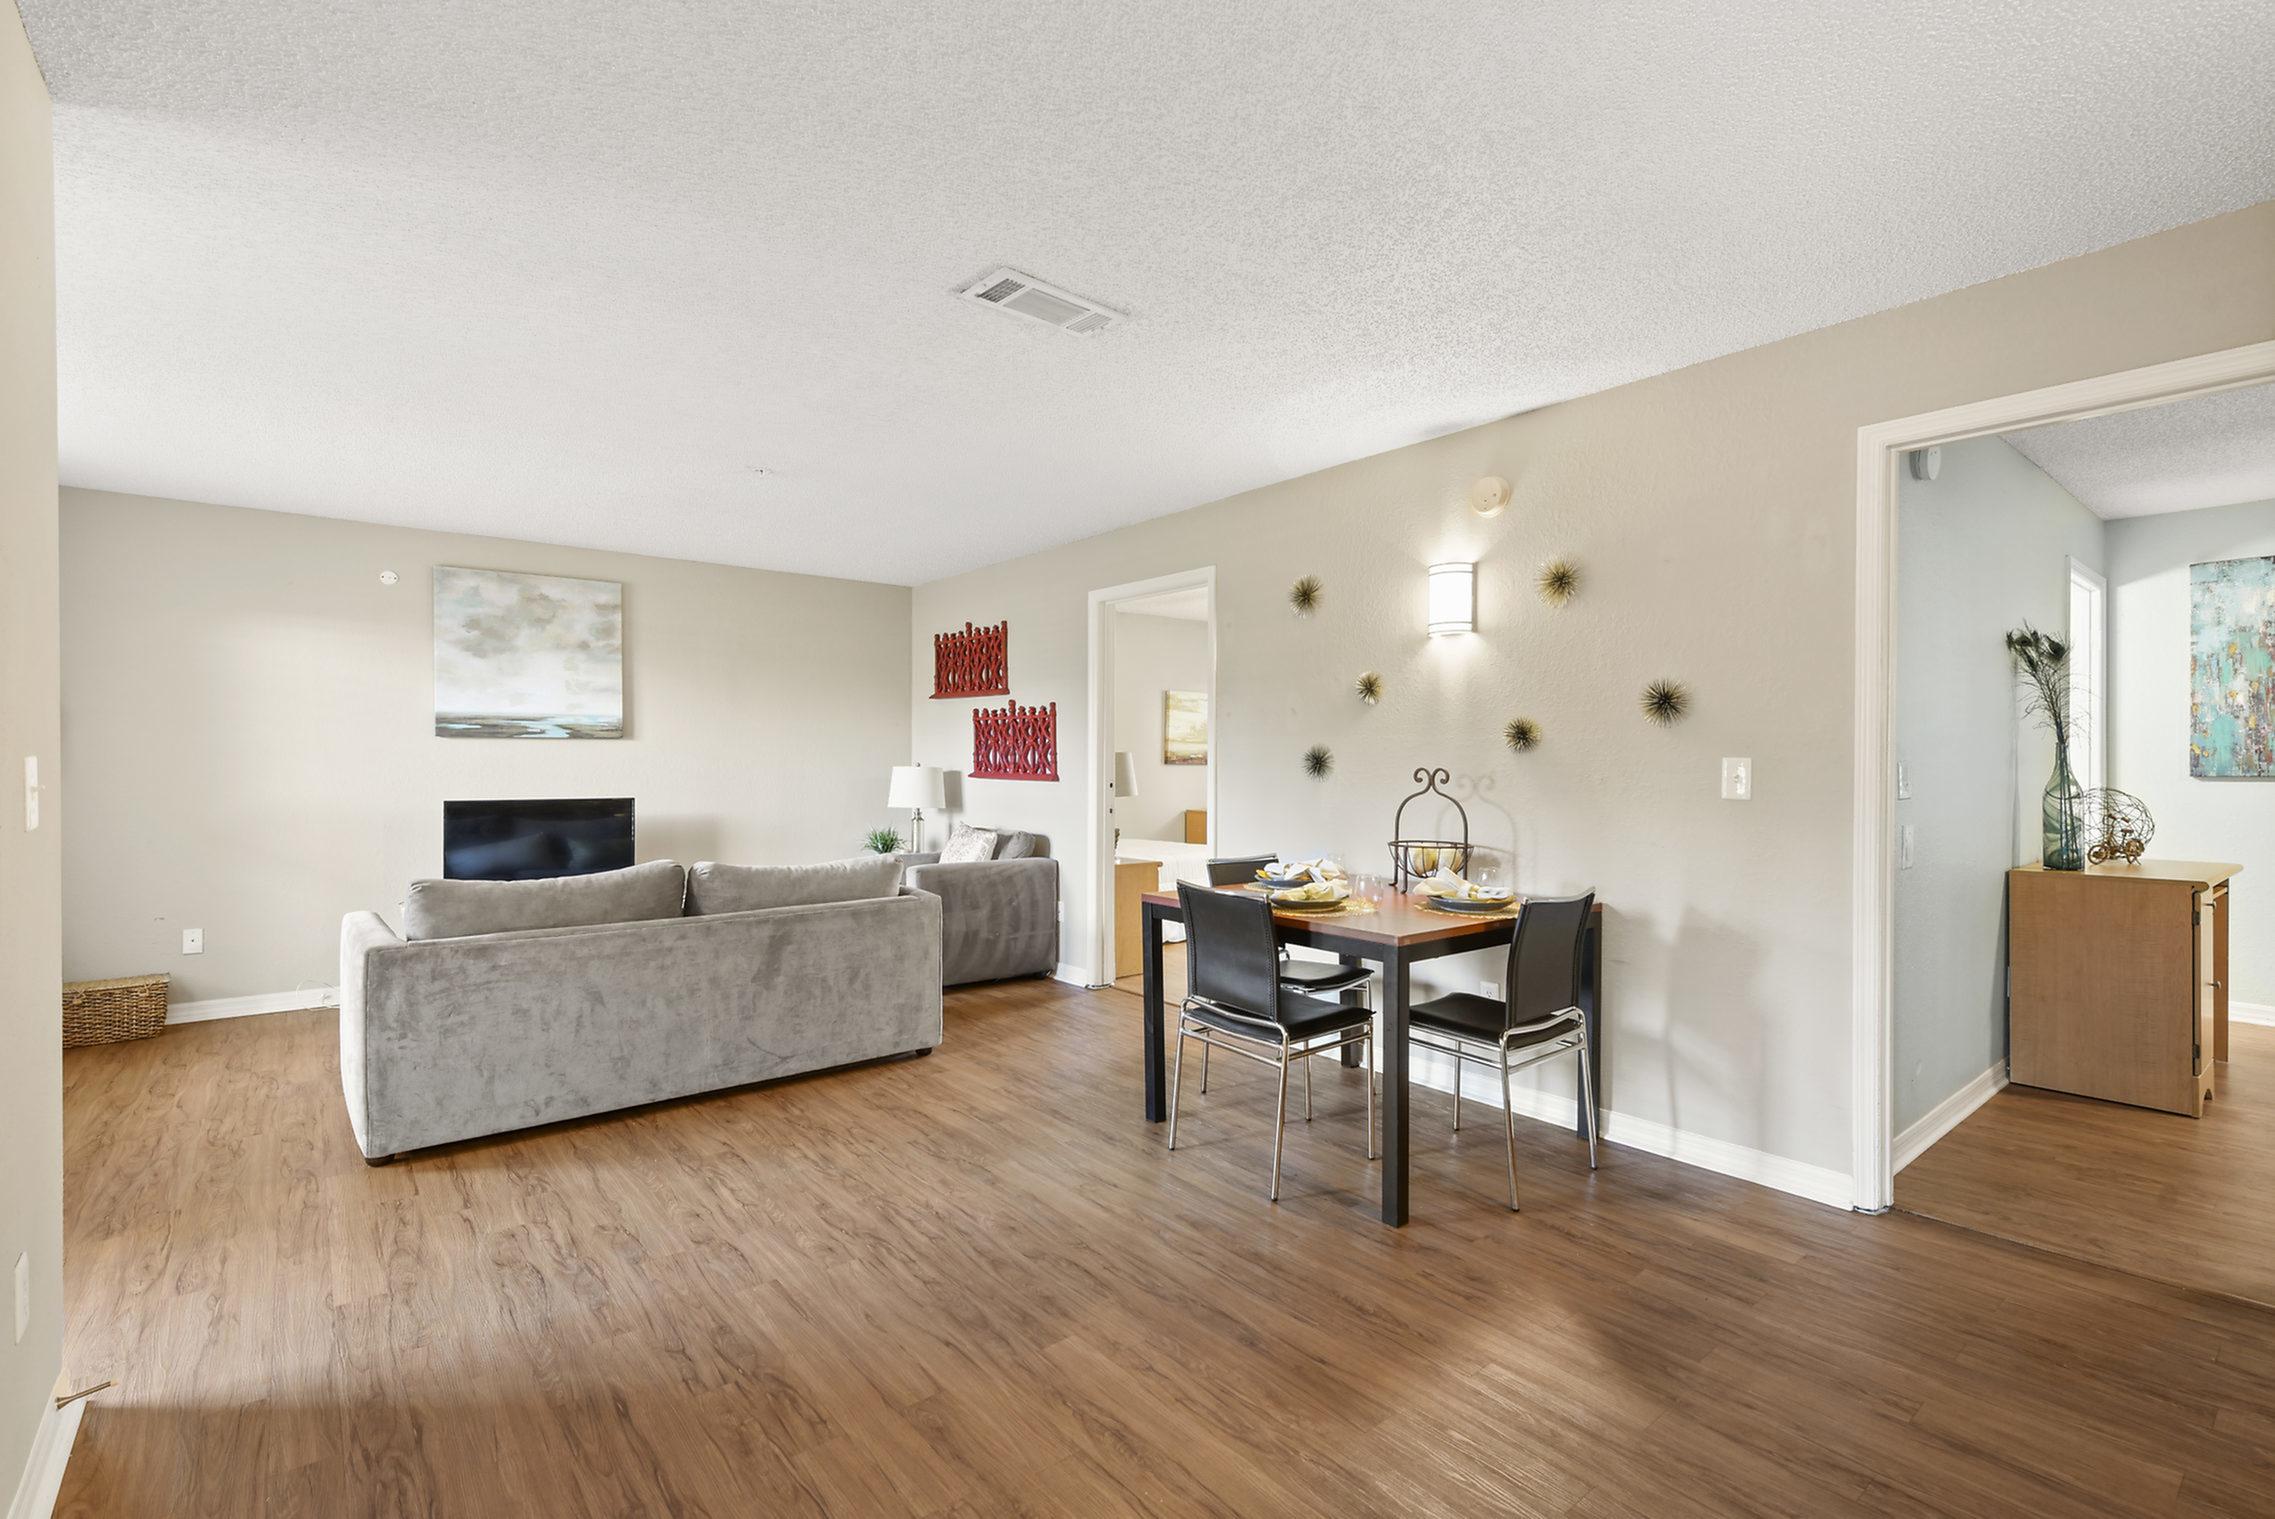 furnished apartment in Jacksonville, FL at Kernan Oaks